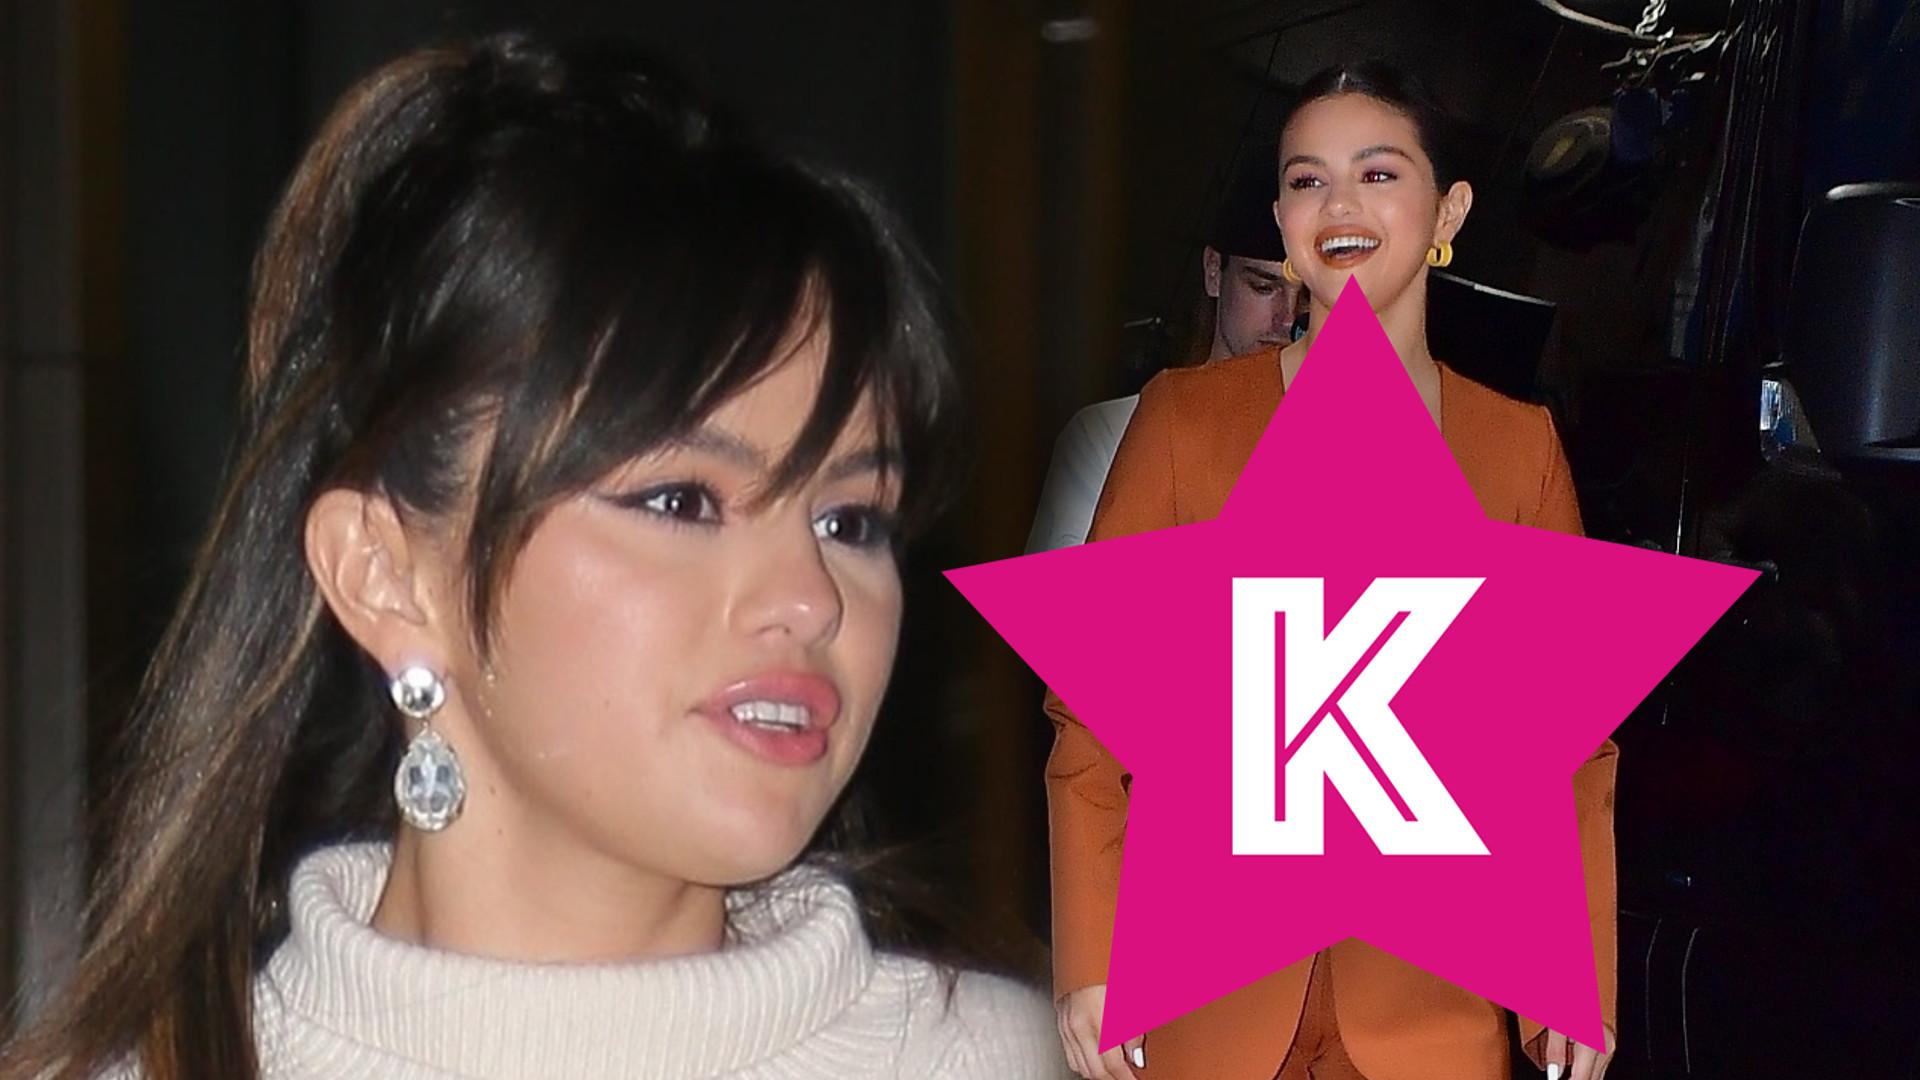 WOW! Selena Gomez w tej stylizacji wygląda jak Meghan Markle (FOTO)